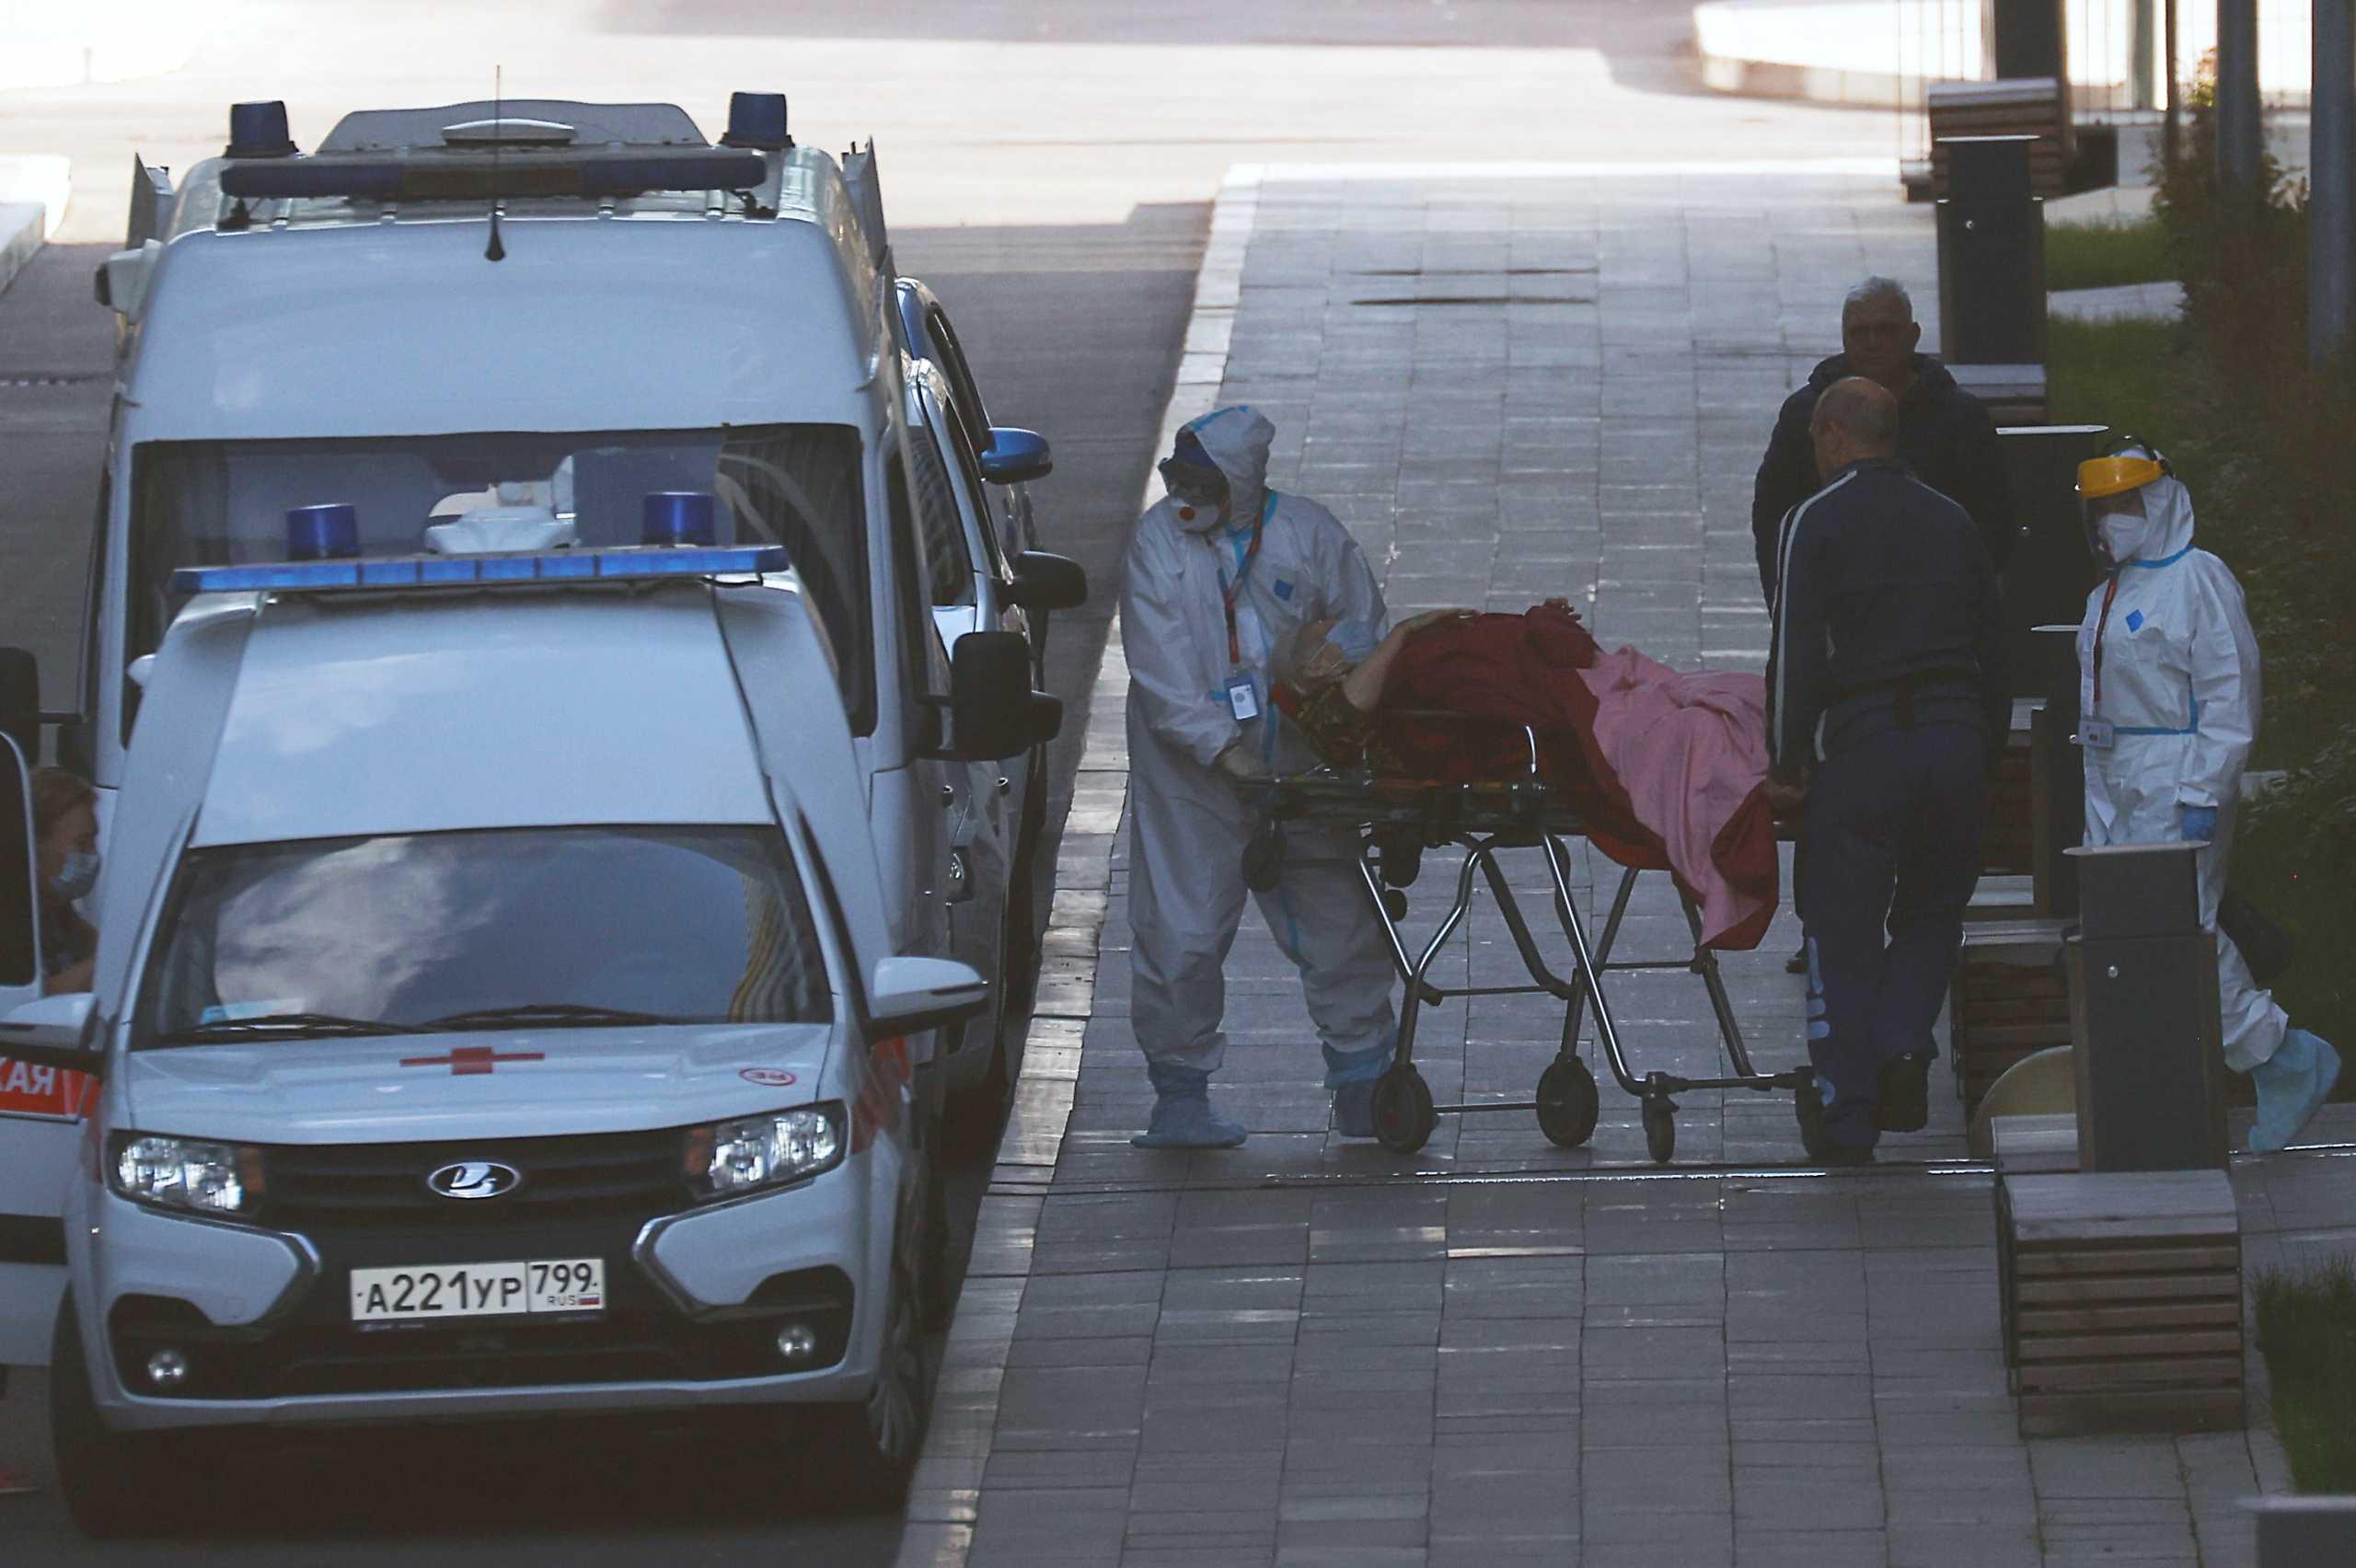 Ρωσία: Σε έξαρση ο κορονοϊός – Σχεδόν 30.000 νέα κρούσματα και πάνω από 900 νεκροί για έκτη ημέρα